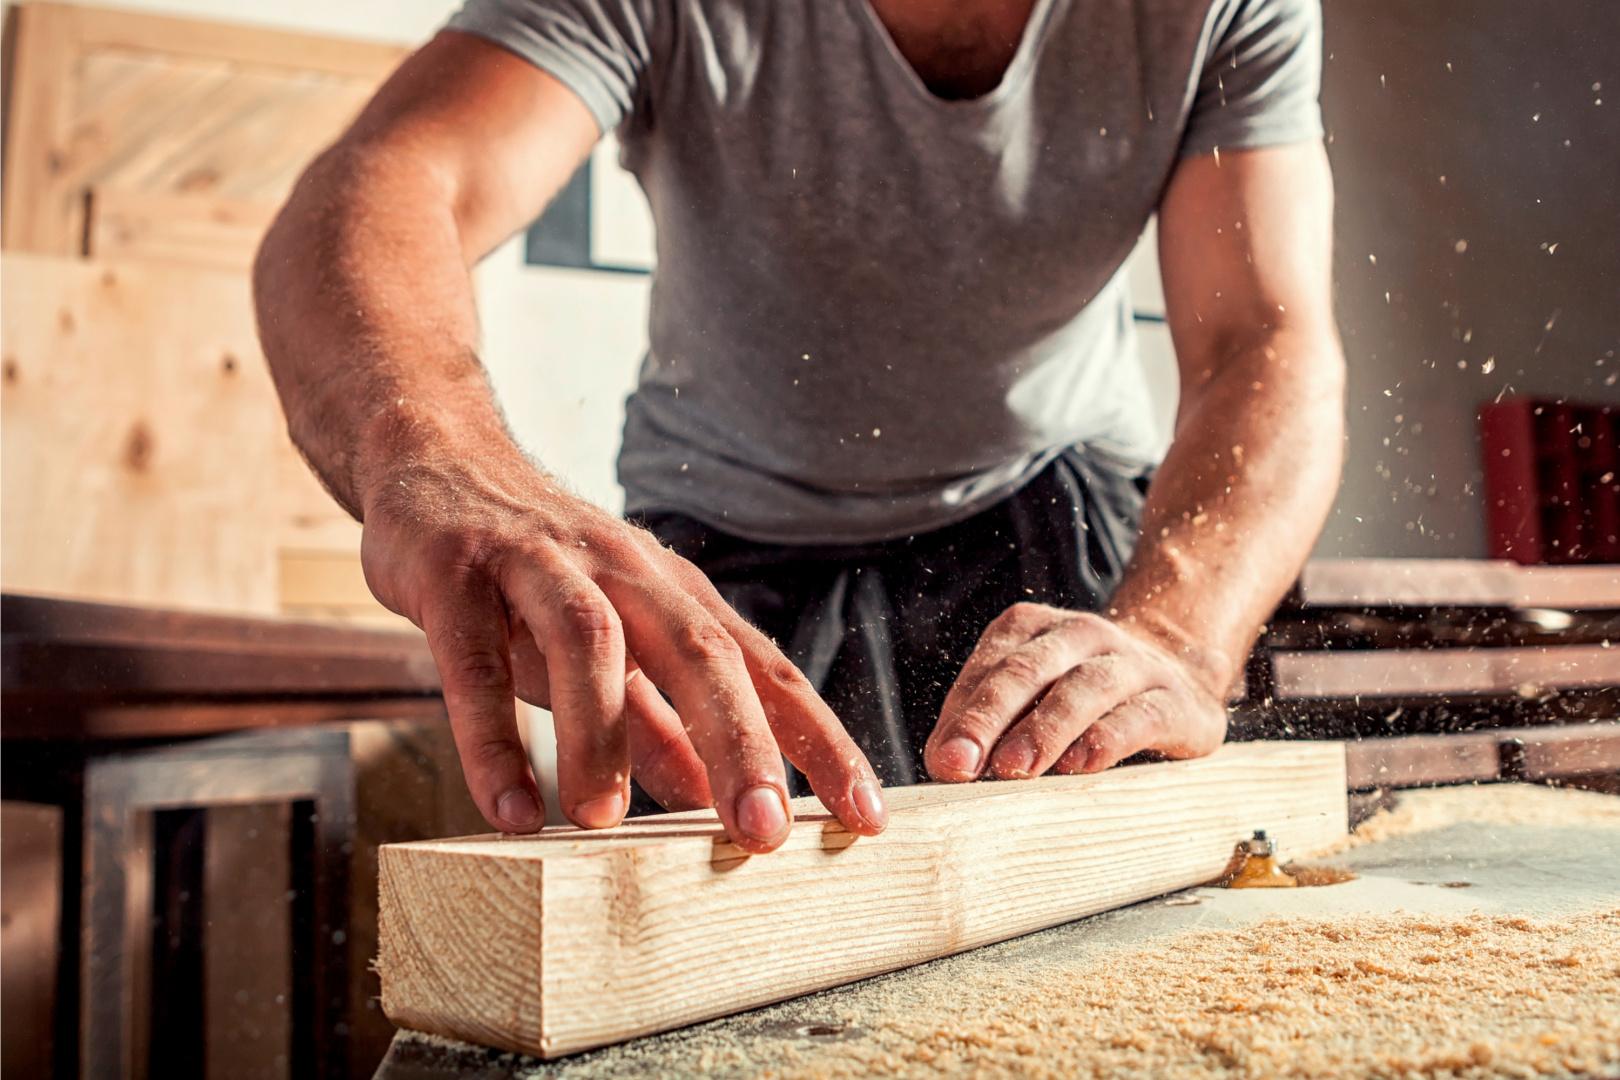 Titelbild Gesundheitsrisiko Holzstaub: So schützen Tischler und Schreiner ihre Mitarbeiter